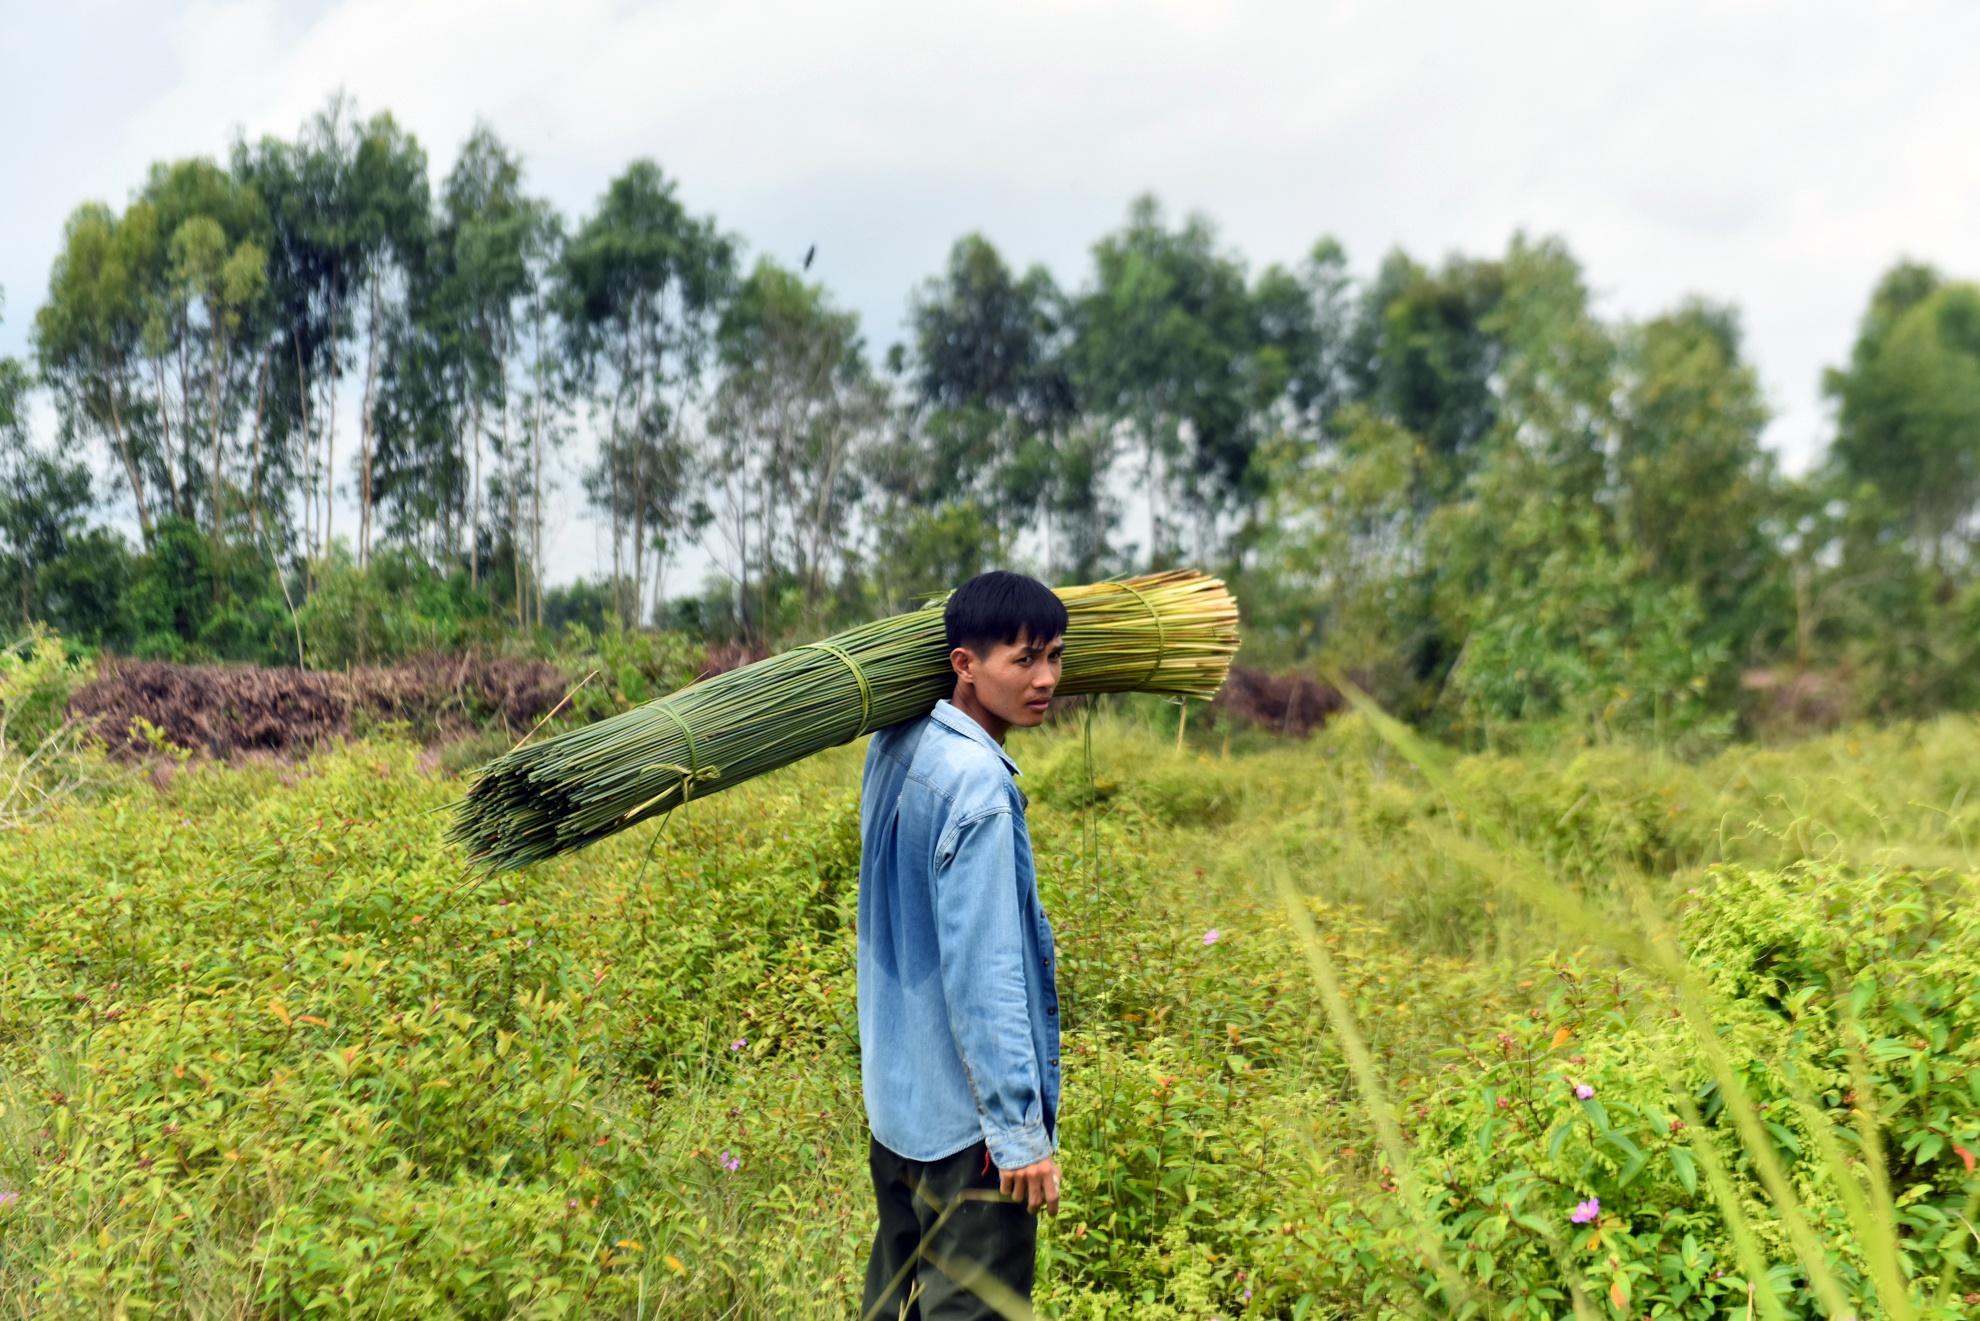 Chang nong dan 'khung' va giac mo ong hut tre hinh anh 1